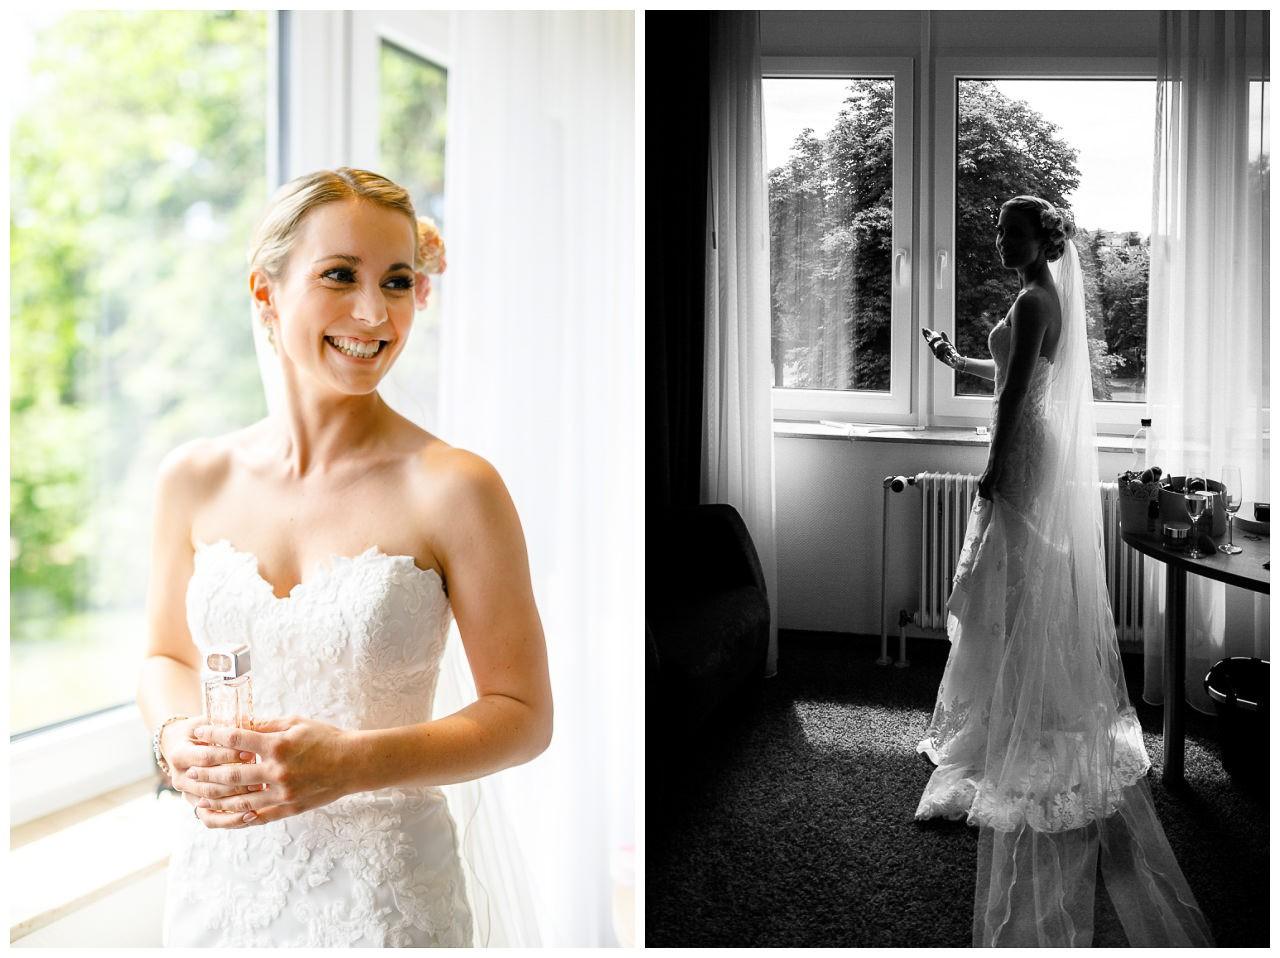 Getting Ready Braut, die Braut besprüht sich mit Parfum.